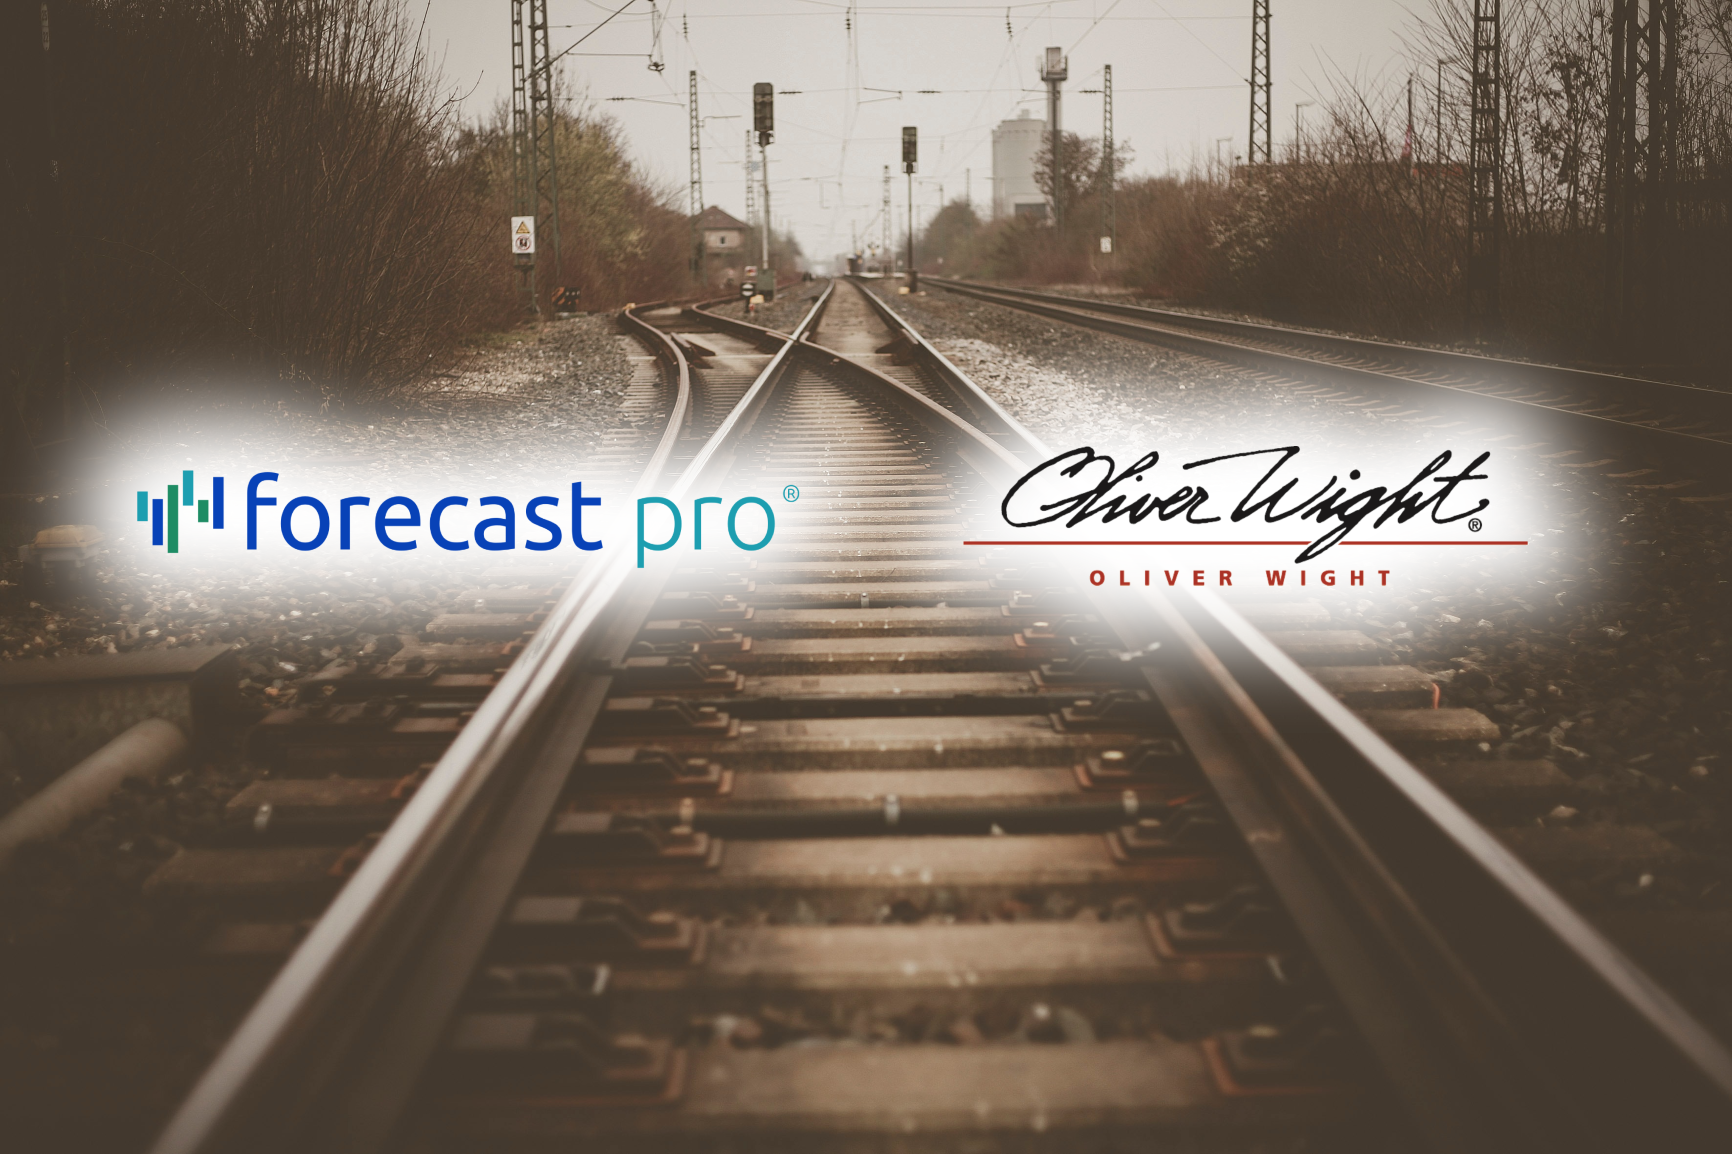 Forecast Pro & Oliver Wight Webinar Image